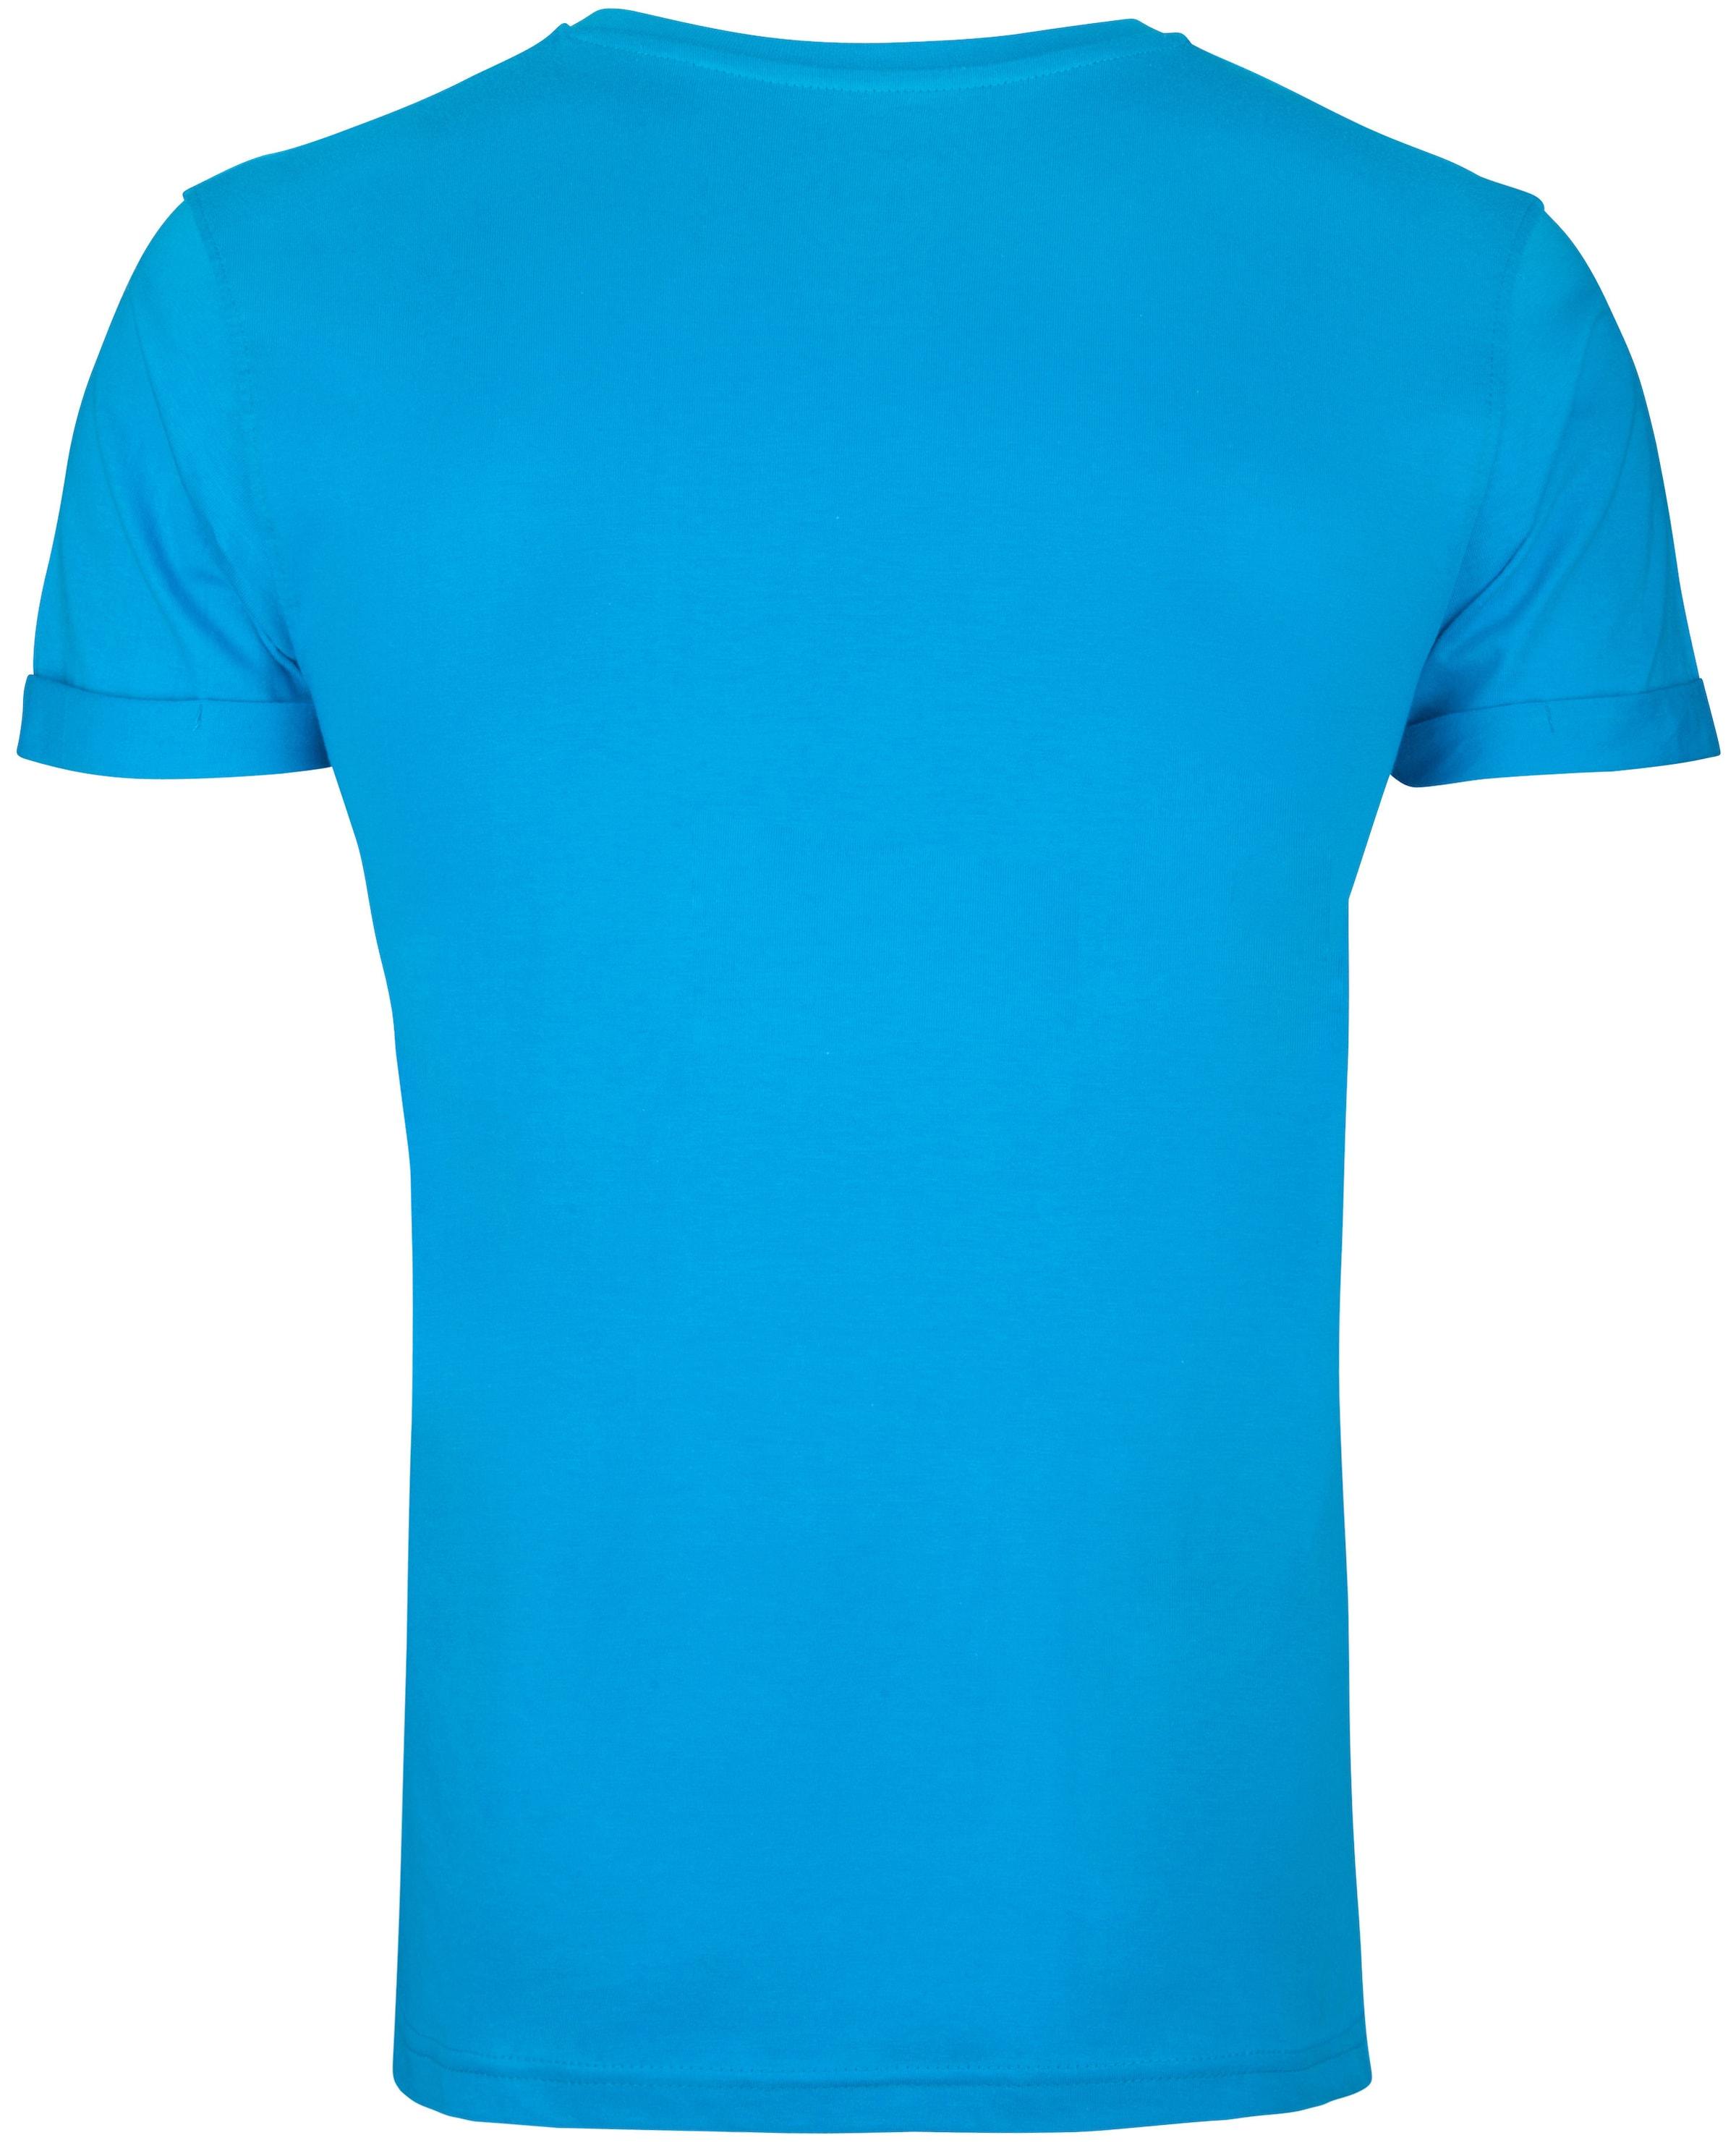 Rabatt 2018 Neueste SOULSTAR T-Shirt Original Günstig Online hNBrLn